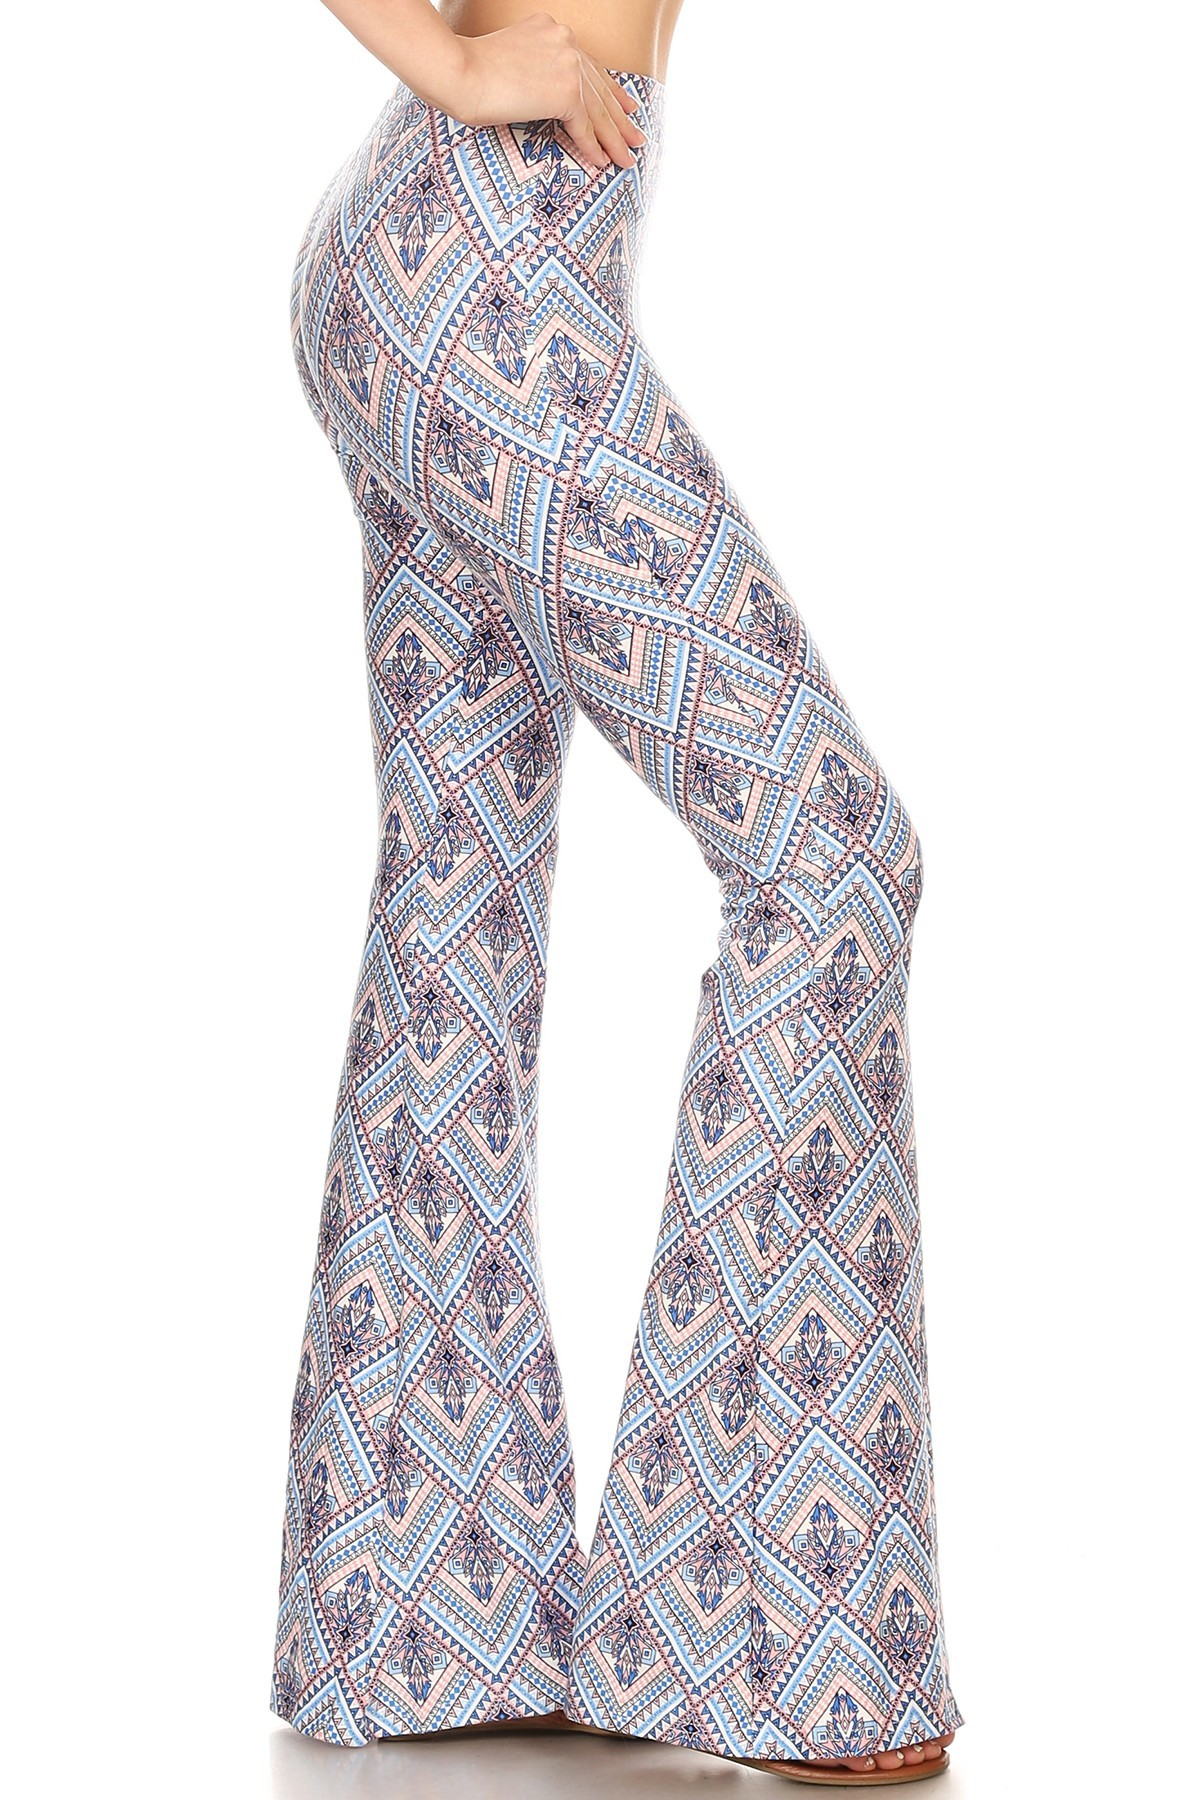 BLUE/PEACH BOHO PRINT BRUSH POLY FLARE PANTS#8FP01-40